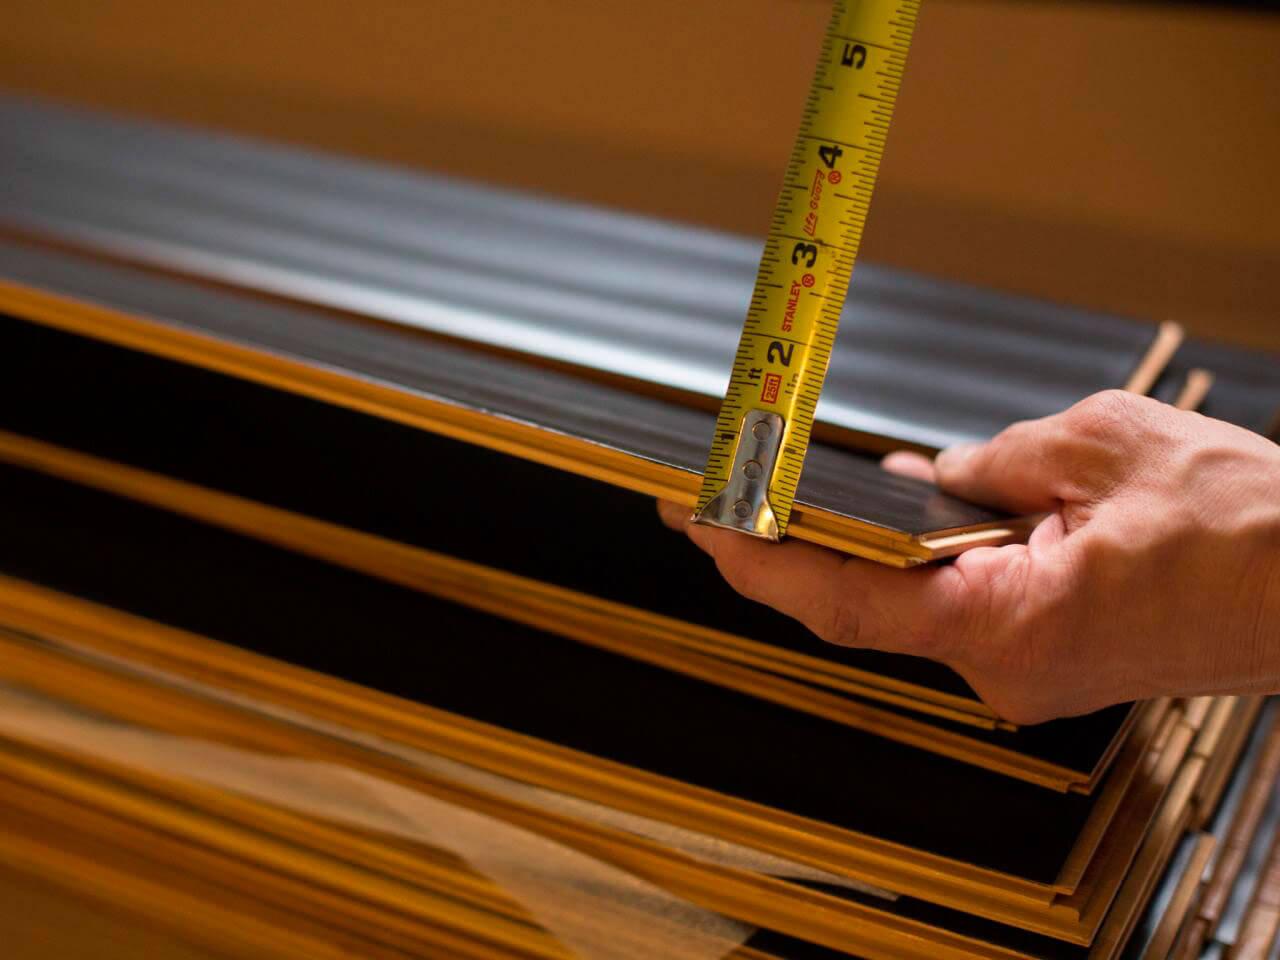 Измерение толщины доски